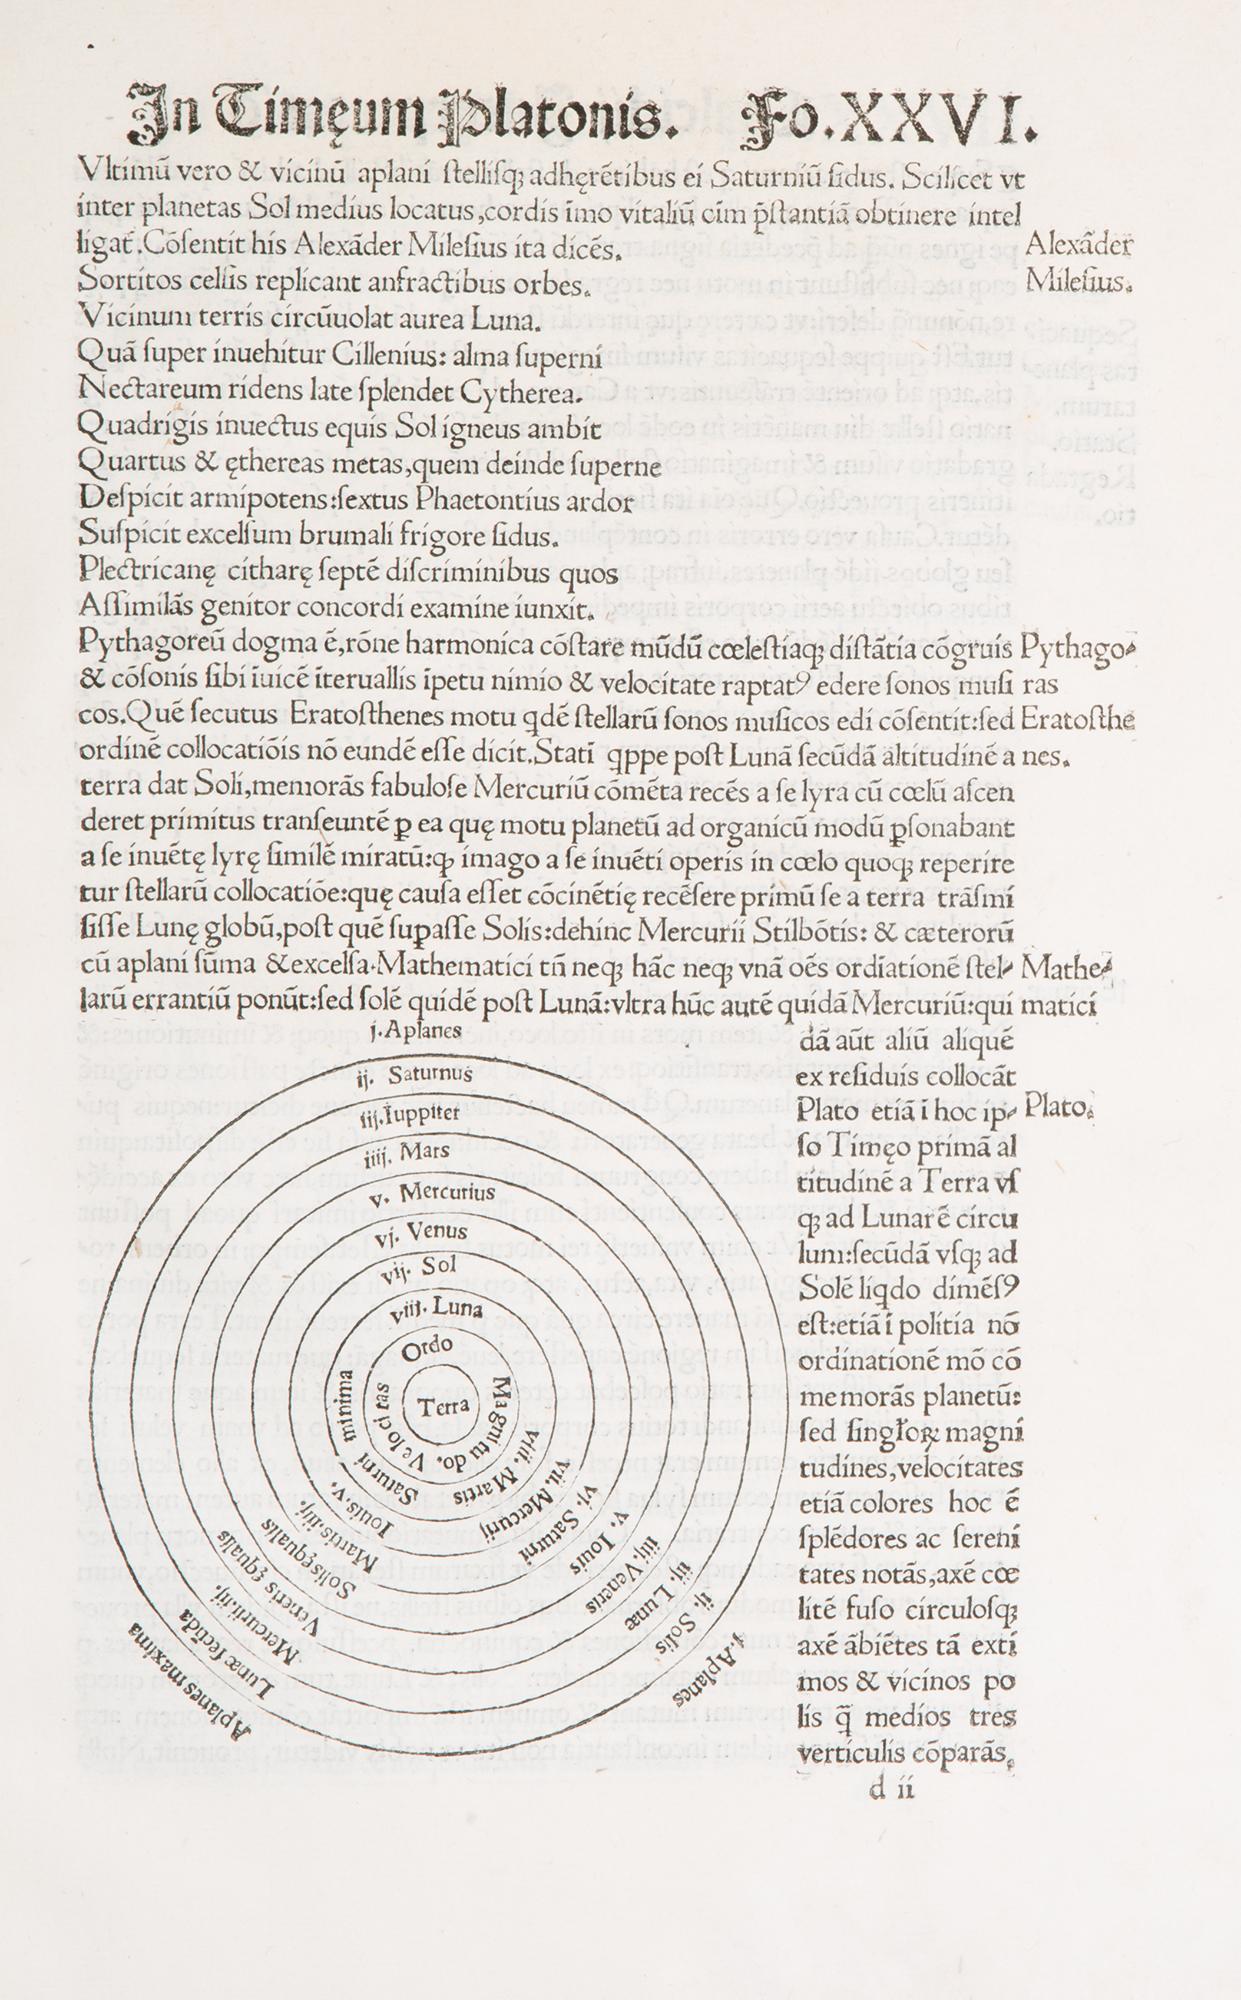 Chalcidij Viri Clarissimi Luculenta Timaei Platonis traductio, & eiusdem argutissima explanatio